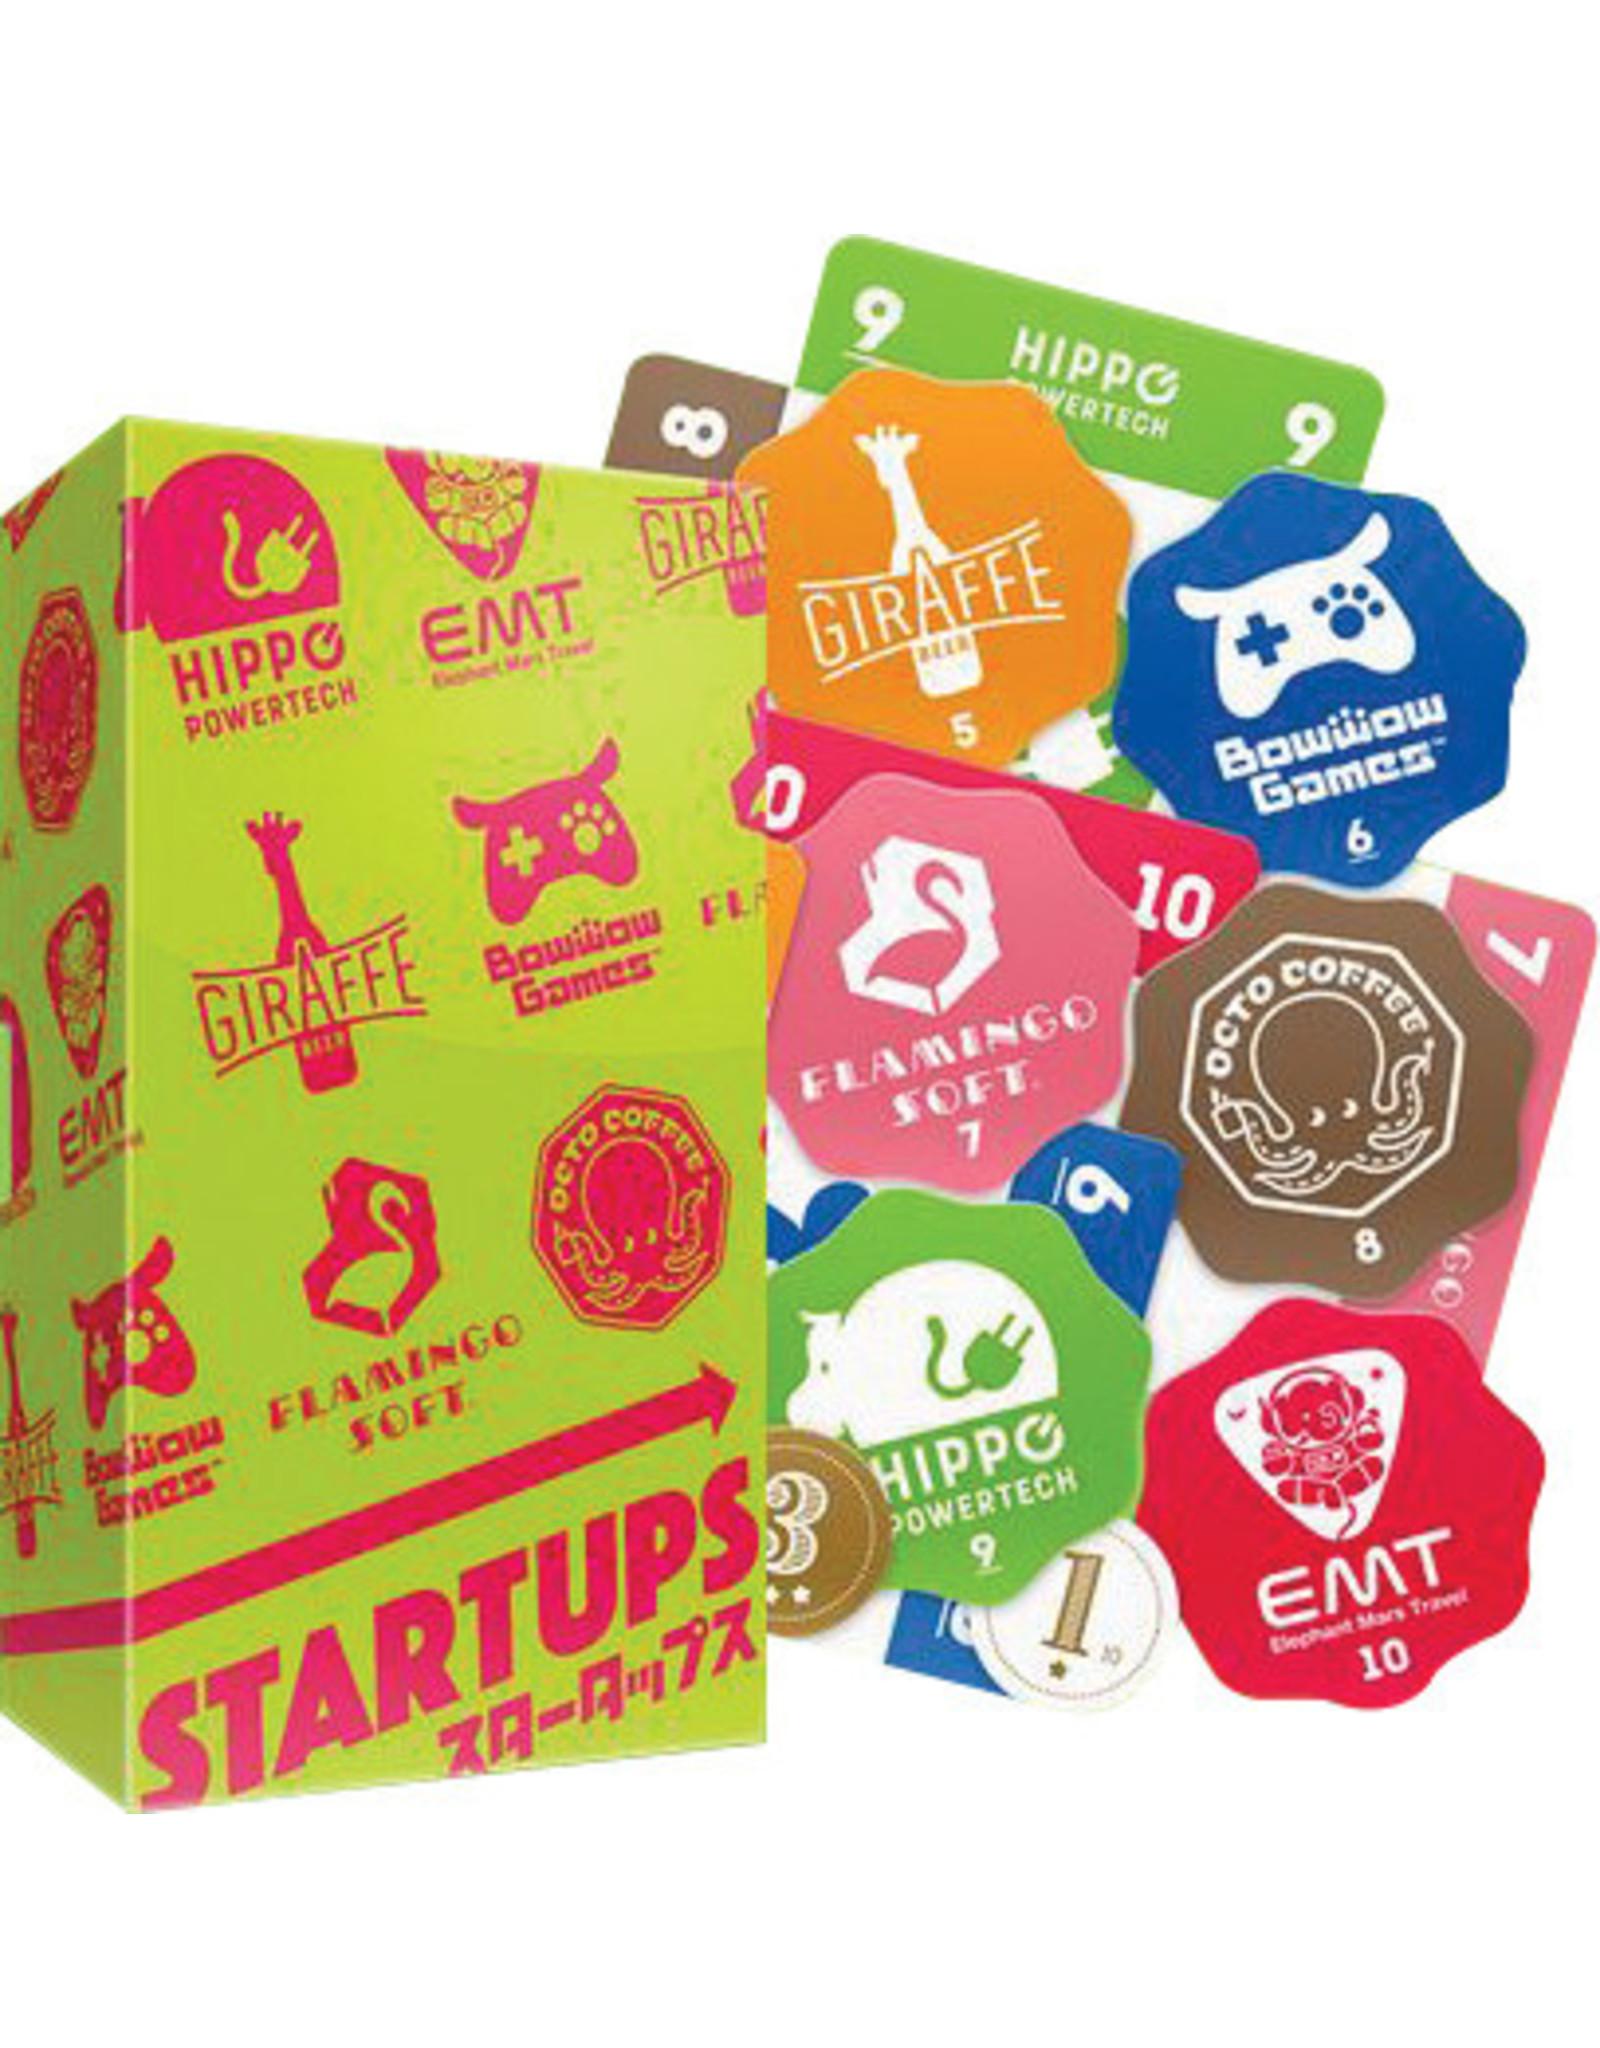 Oink Games Startups